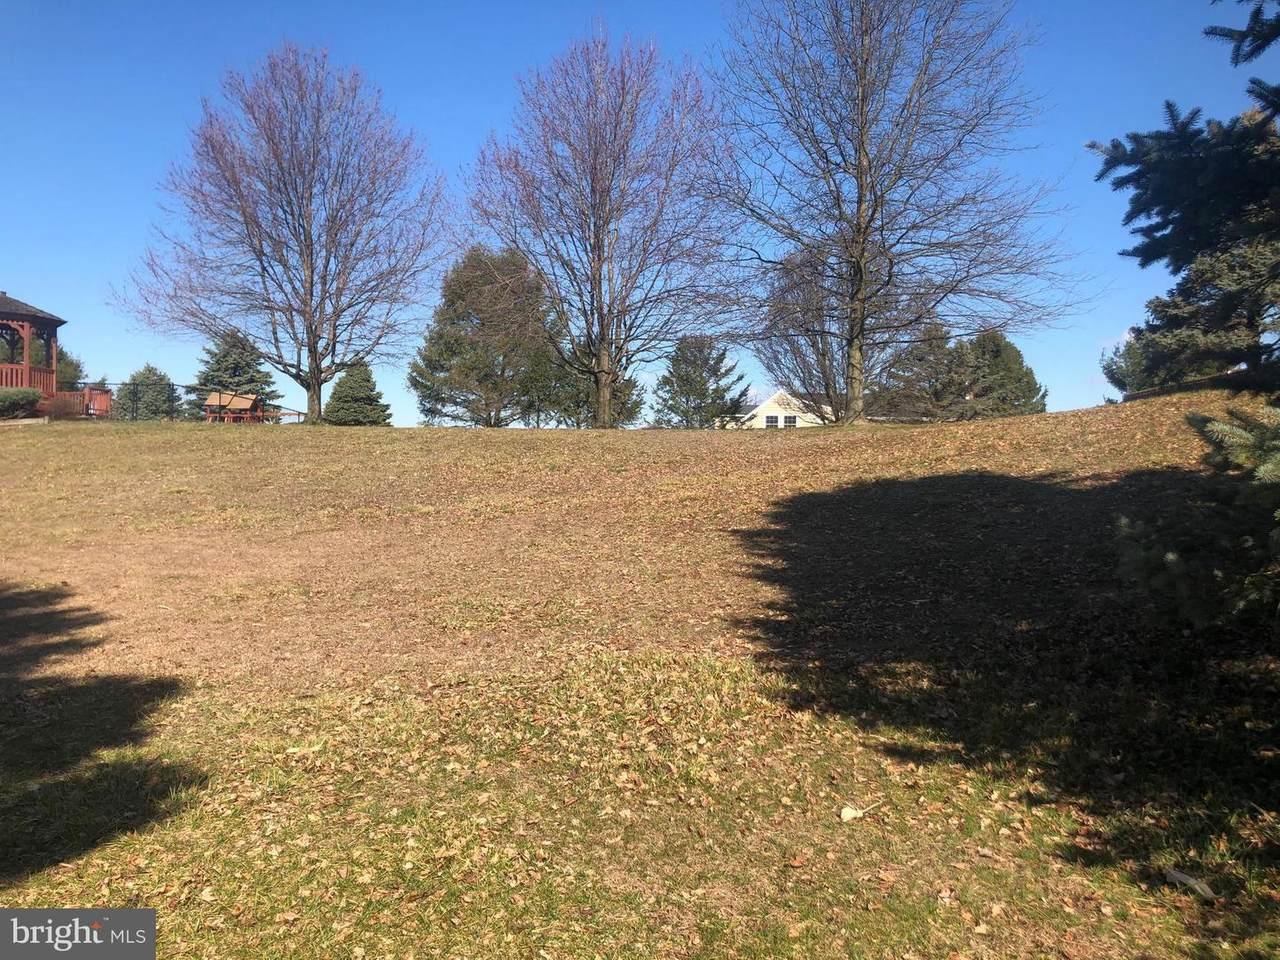 643 Ridgeview Rd S - Photo 1